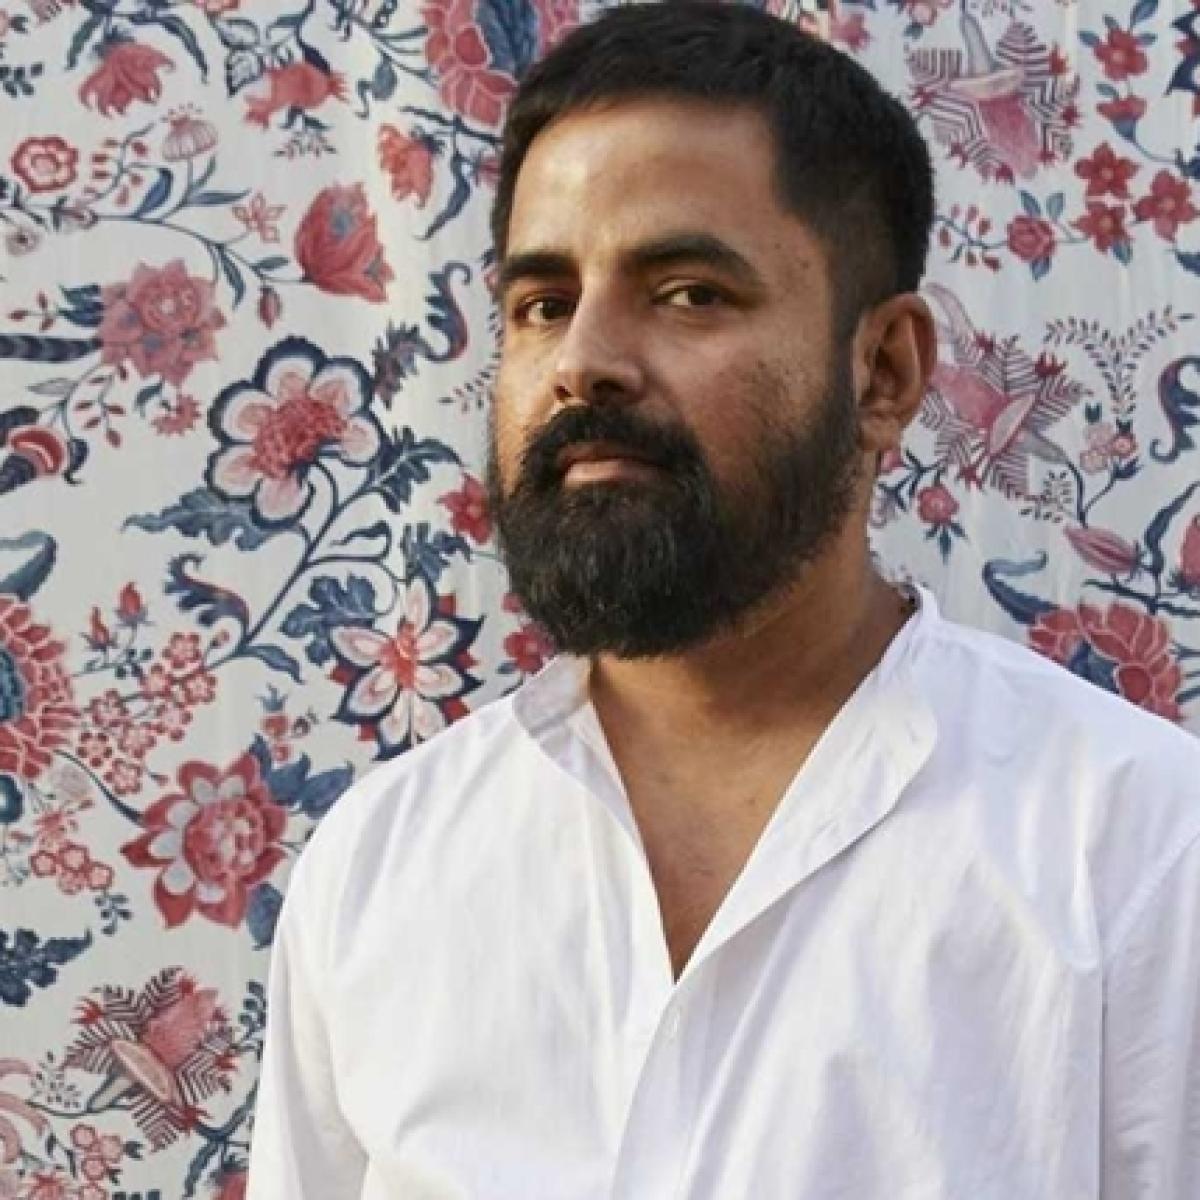 Designer Sabyasachi Mukherjee donates Rs 1.5 crore to help government combat coronavirus